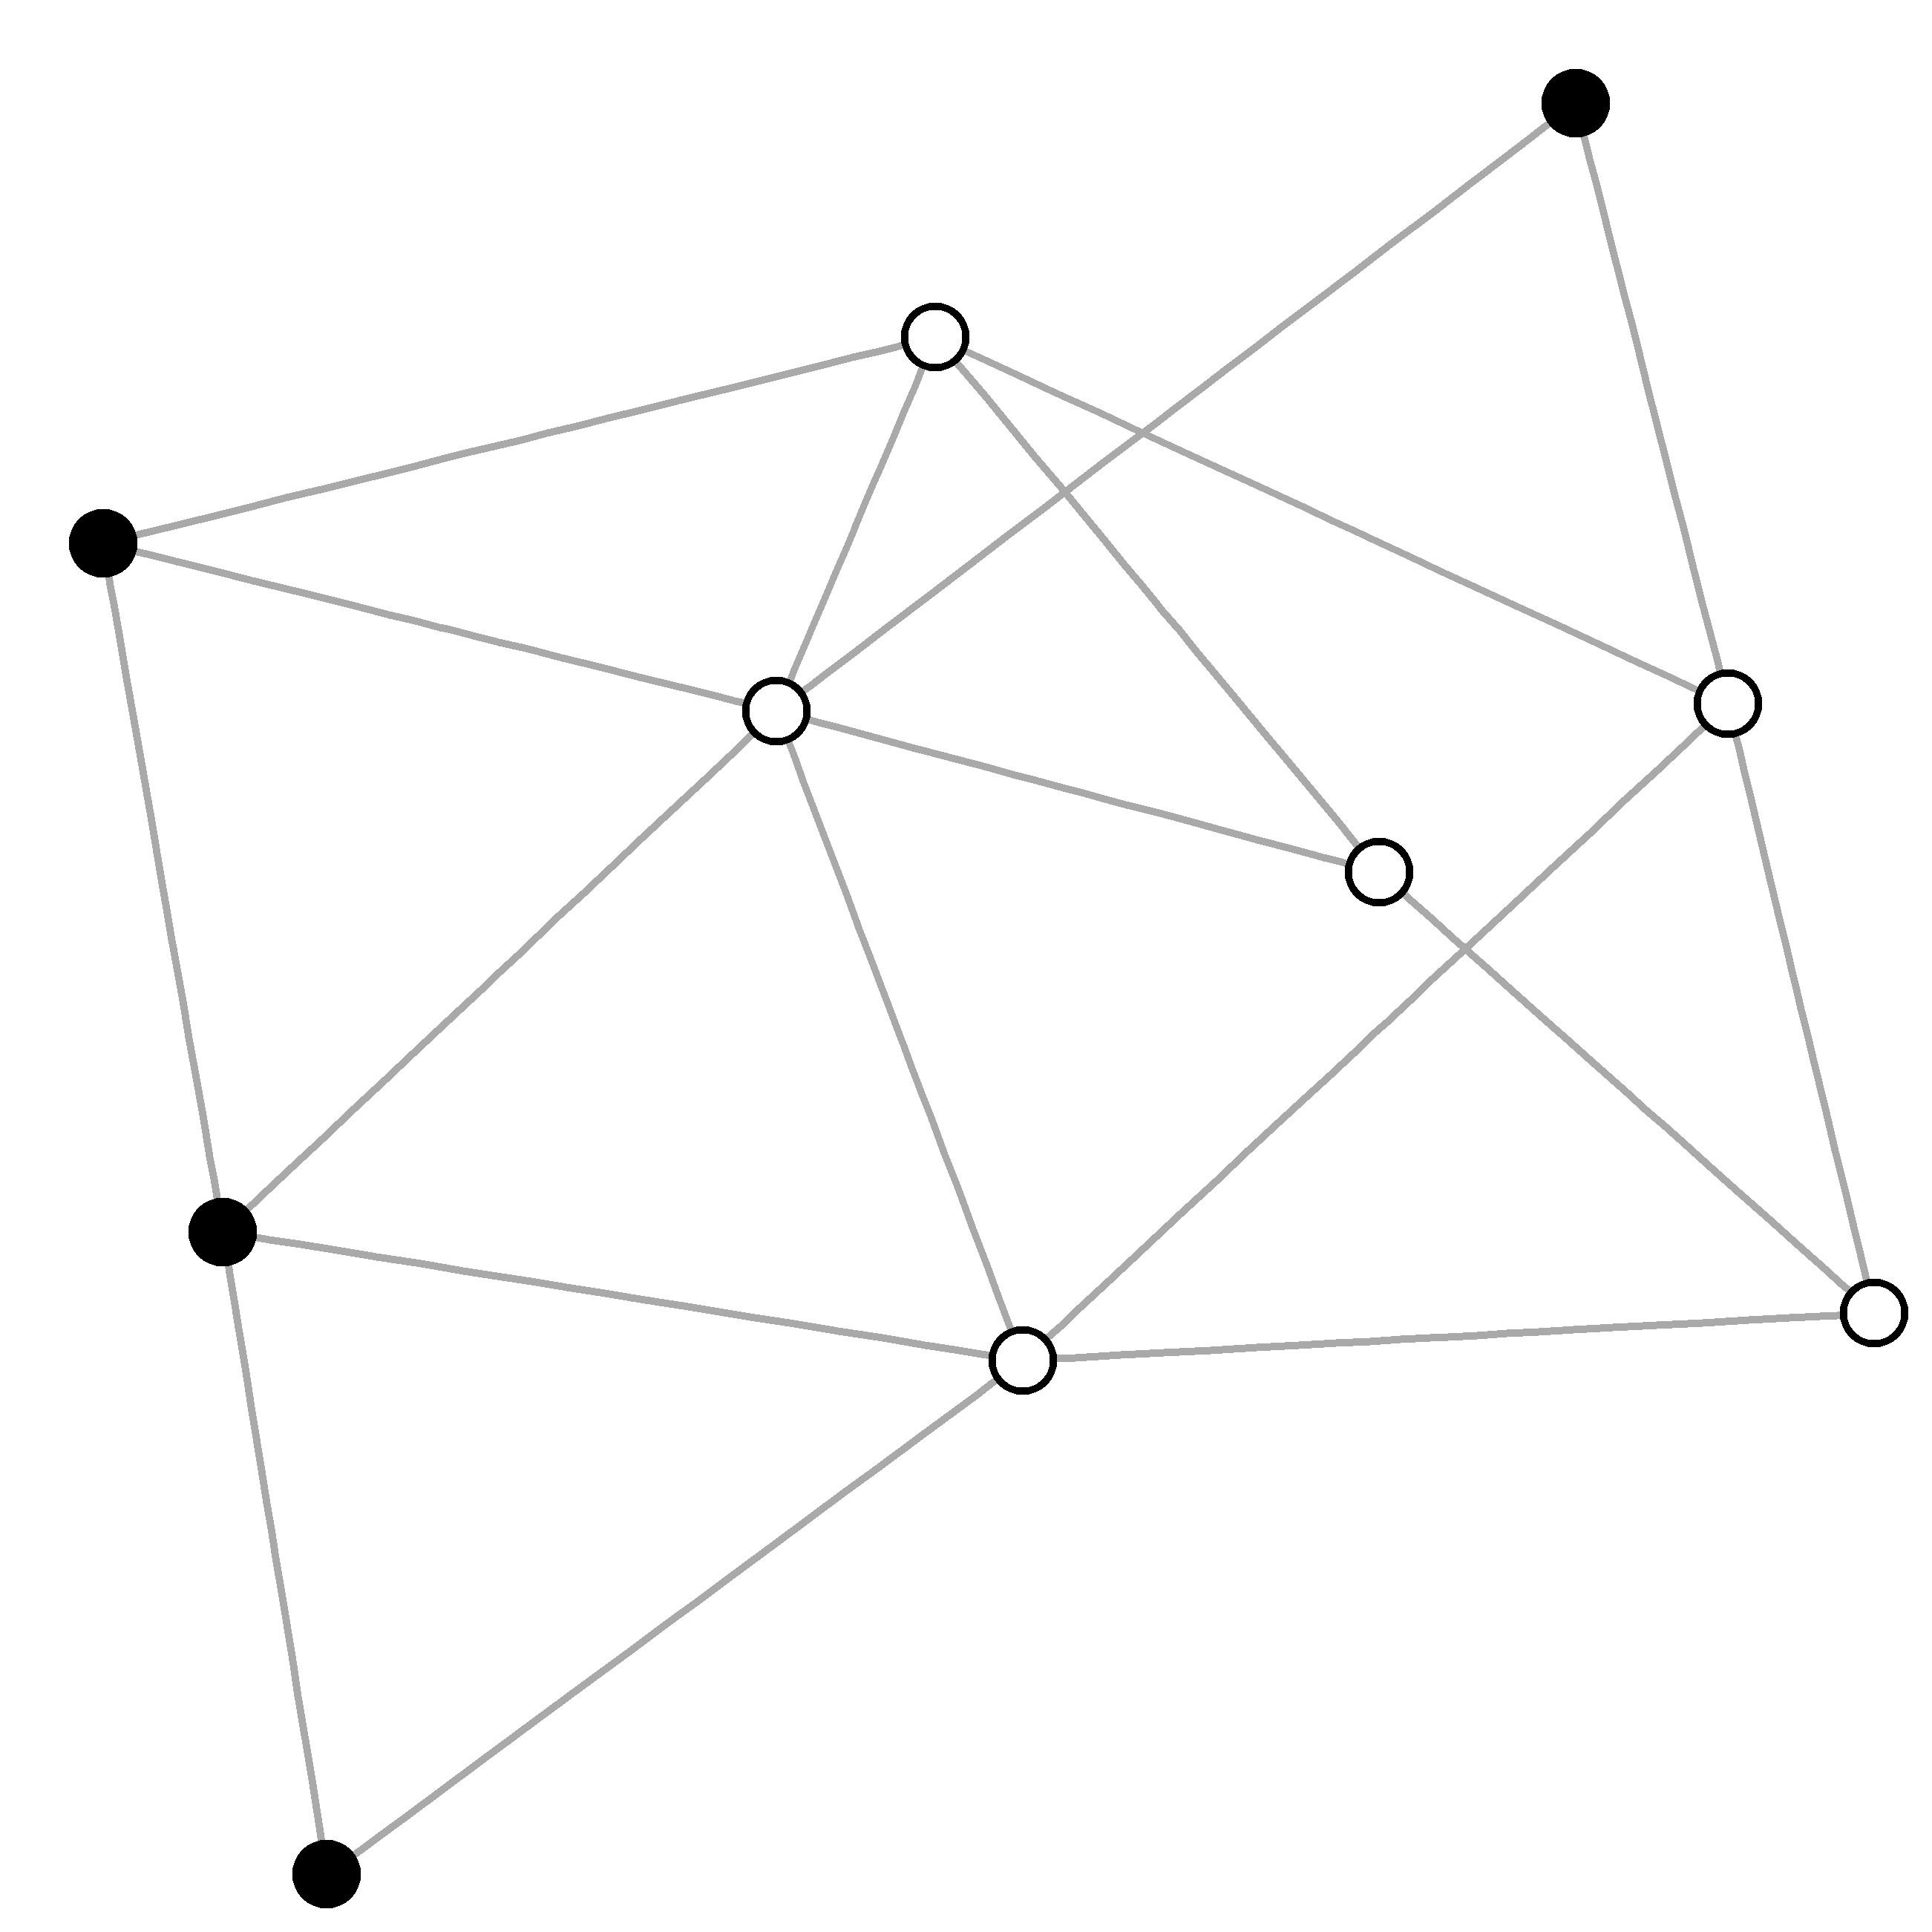 Churn Network